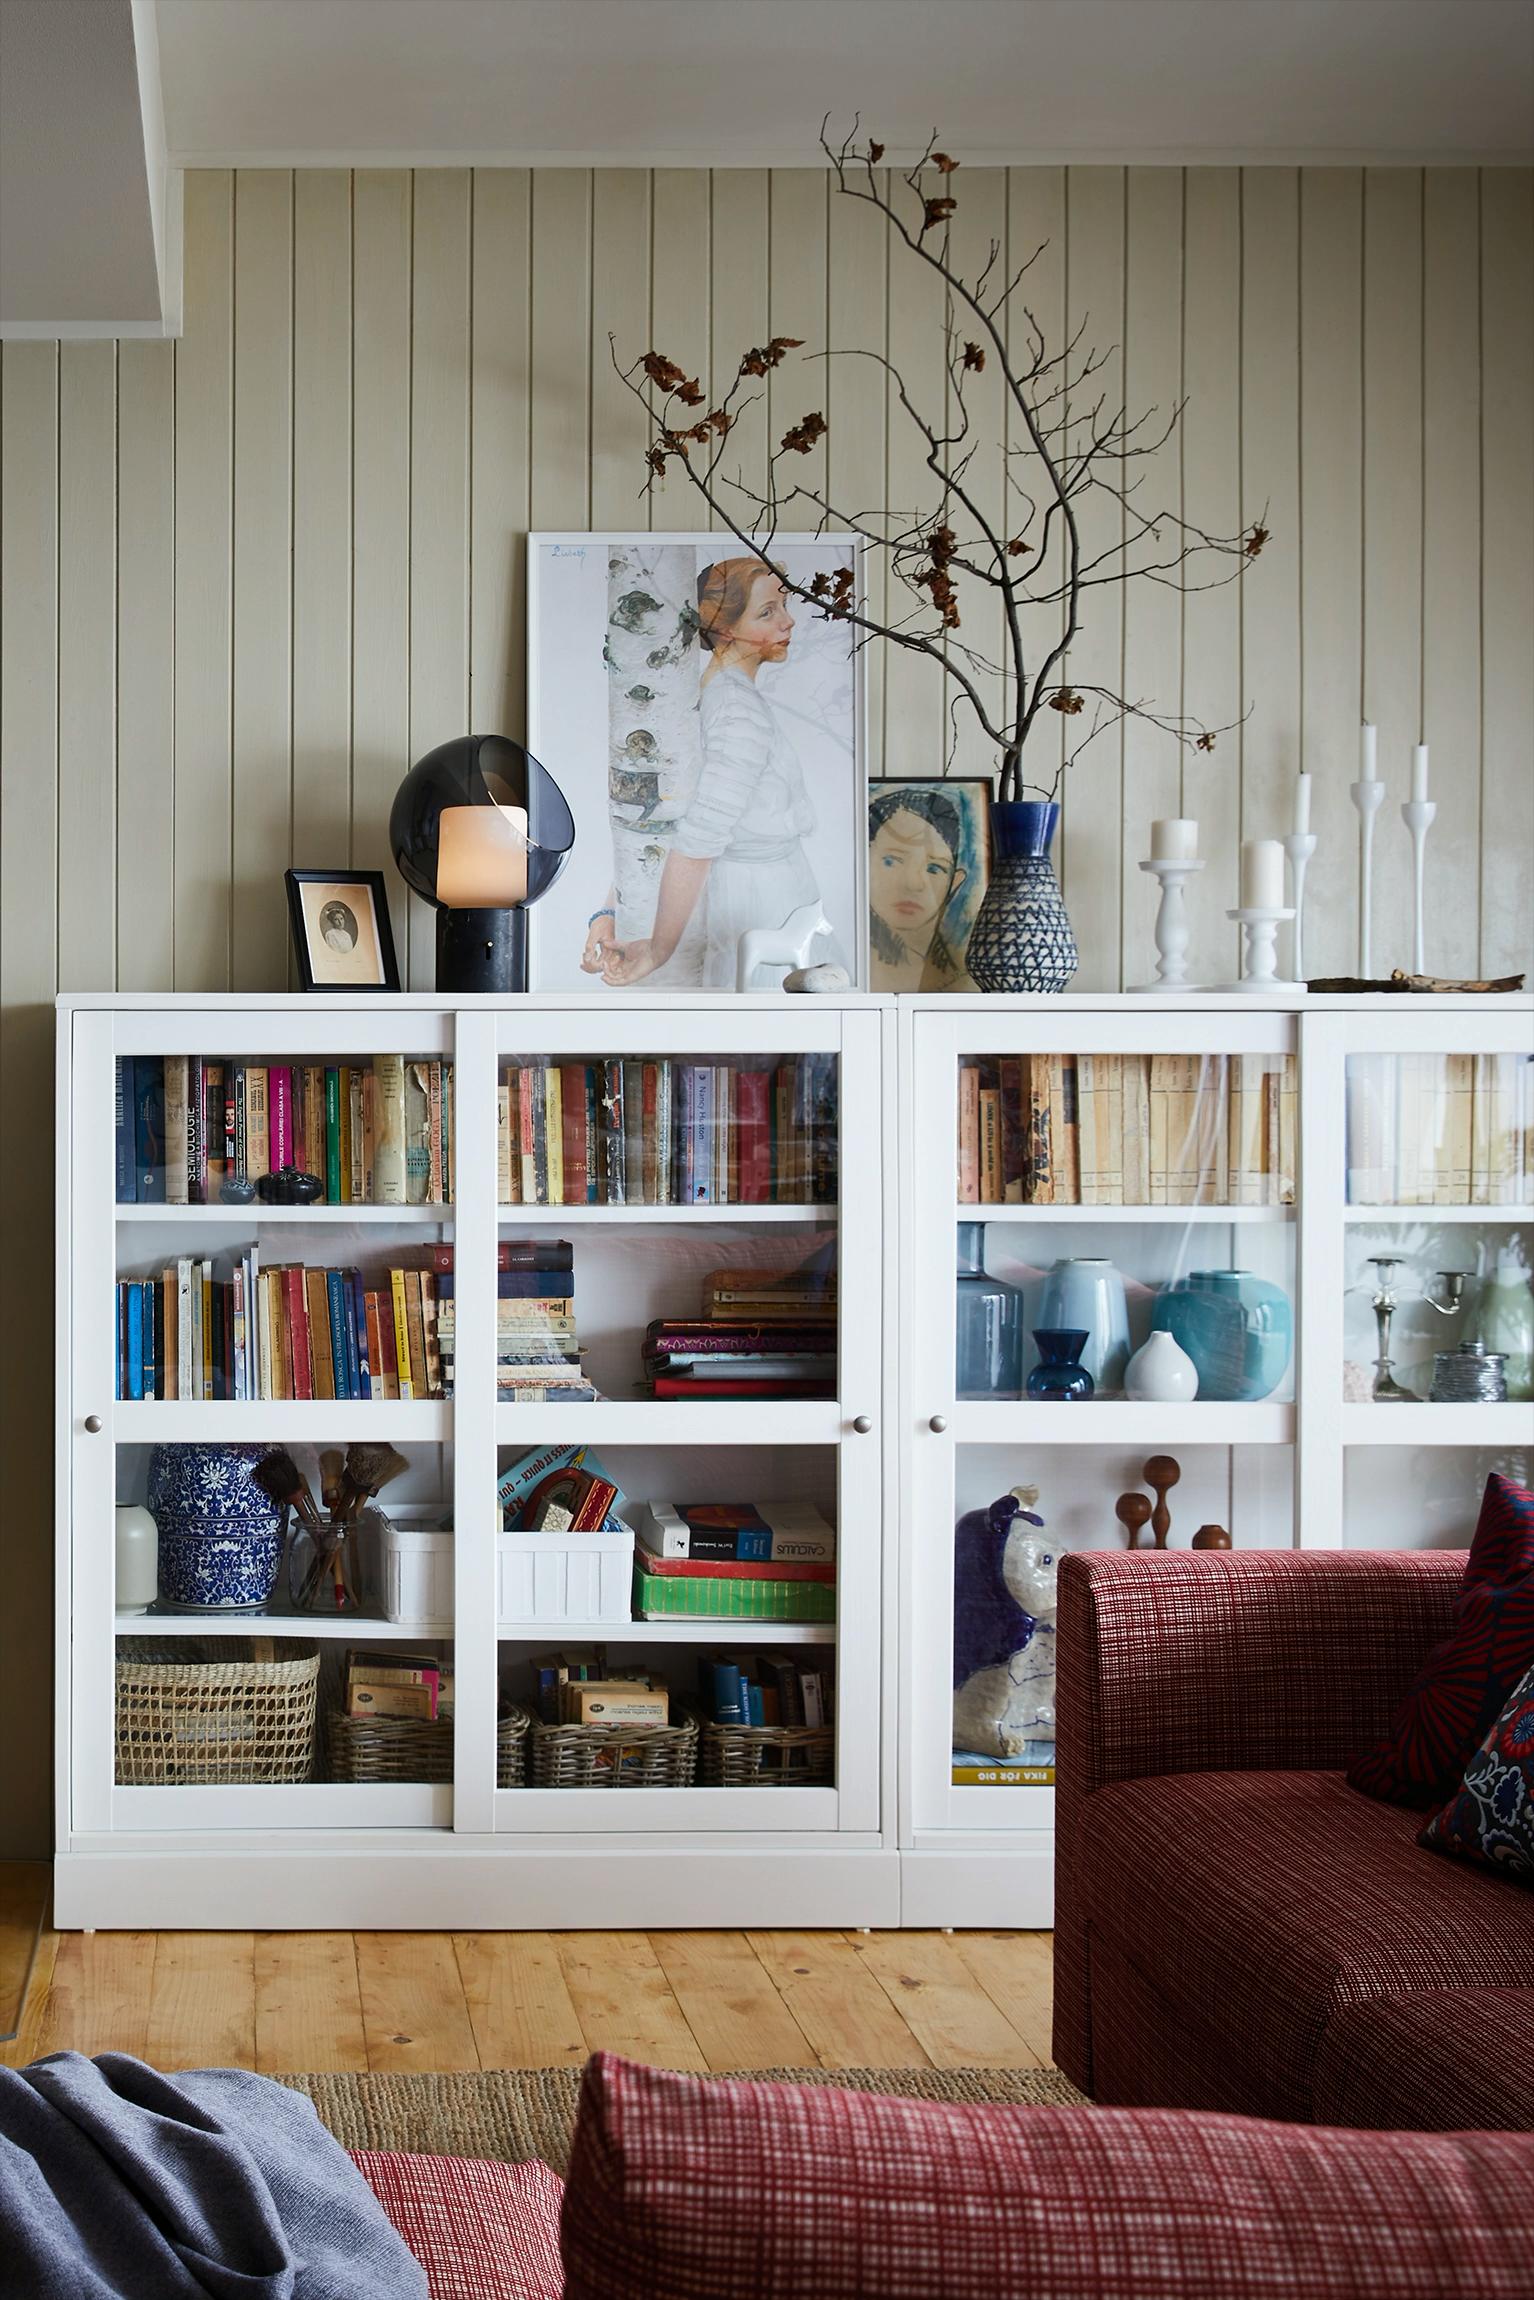 Ikea Deutschland Massive Kiefer Mit Handwerklichen Details Und Gebursteter Oberflache Vermittelt Einen Bodenstandigen E In 2020 Ikea Living Room Ikea Home Home Decor